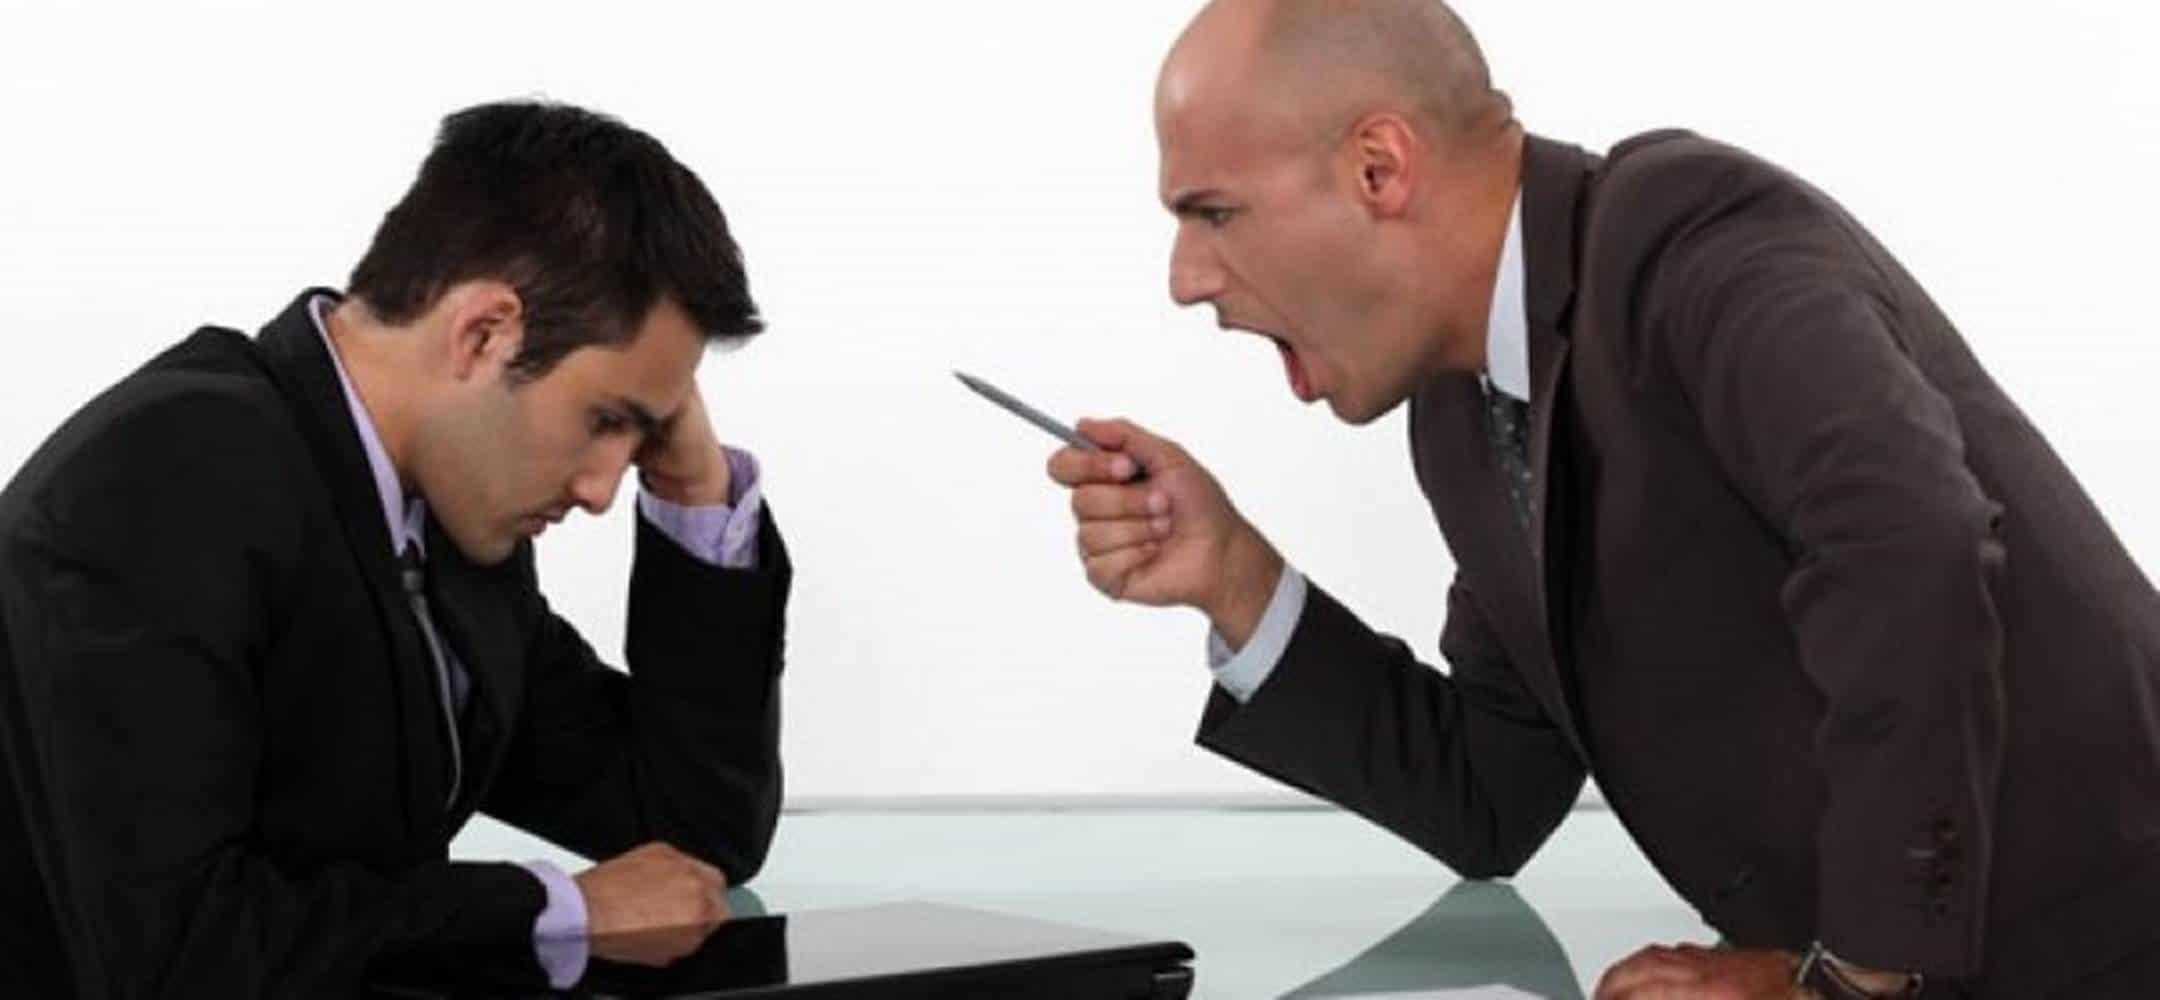 El mobbing o acoso laboral en el deporte profesional